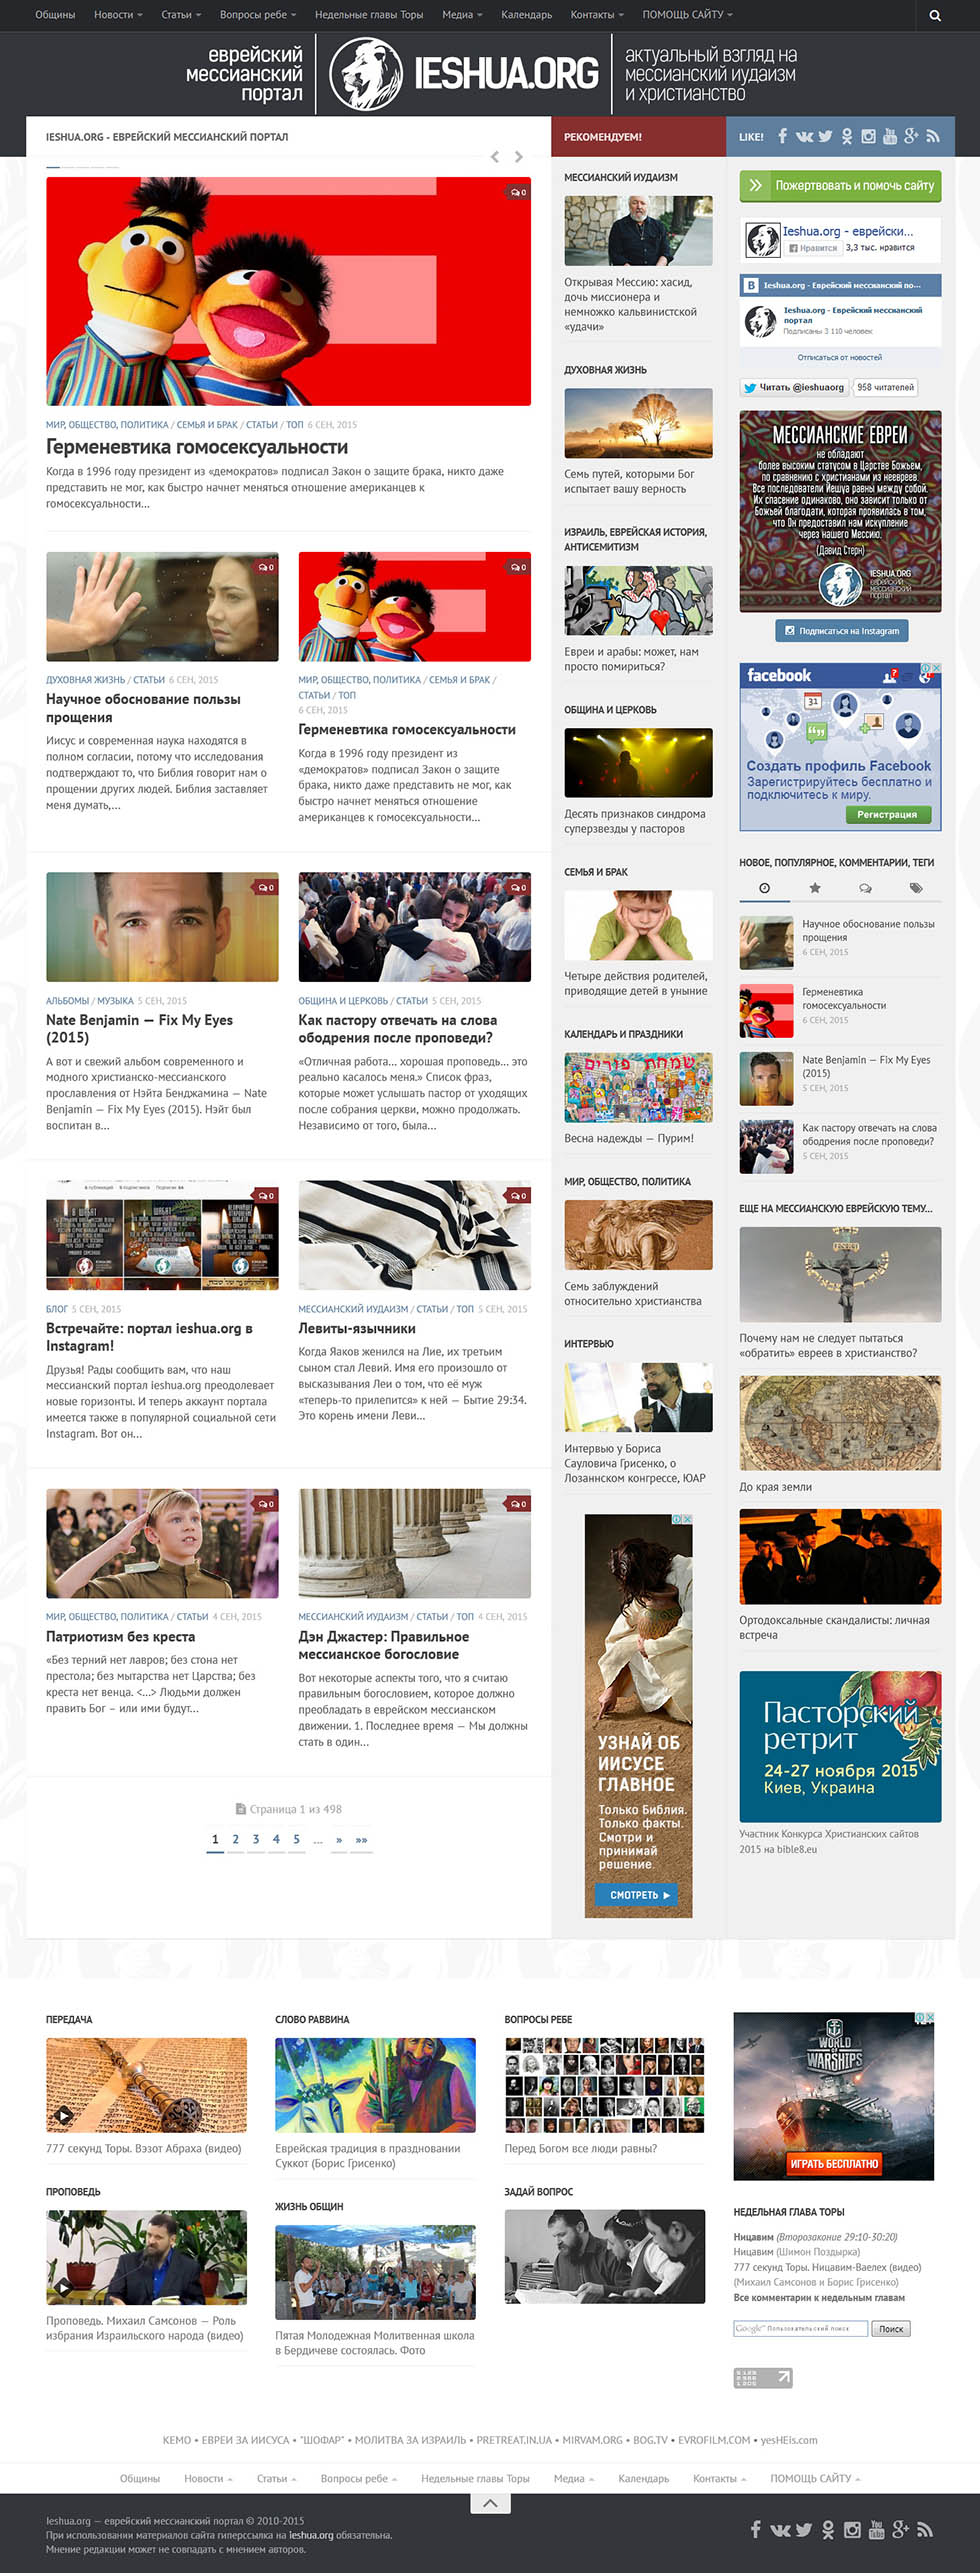 портал ieshua.org